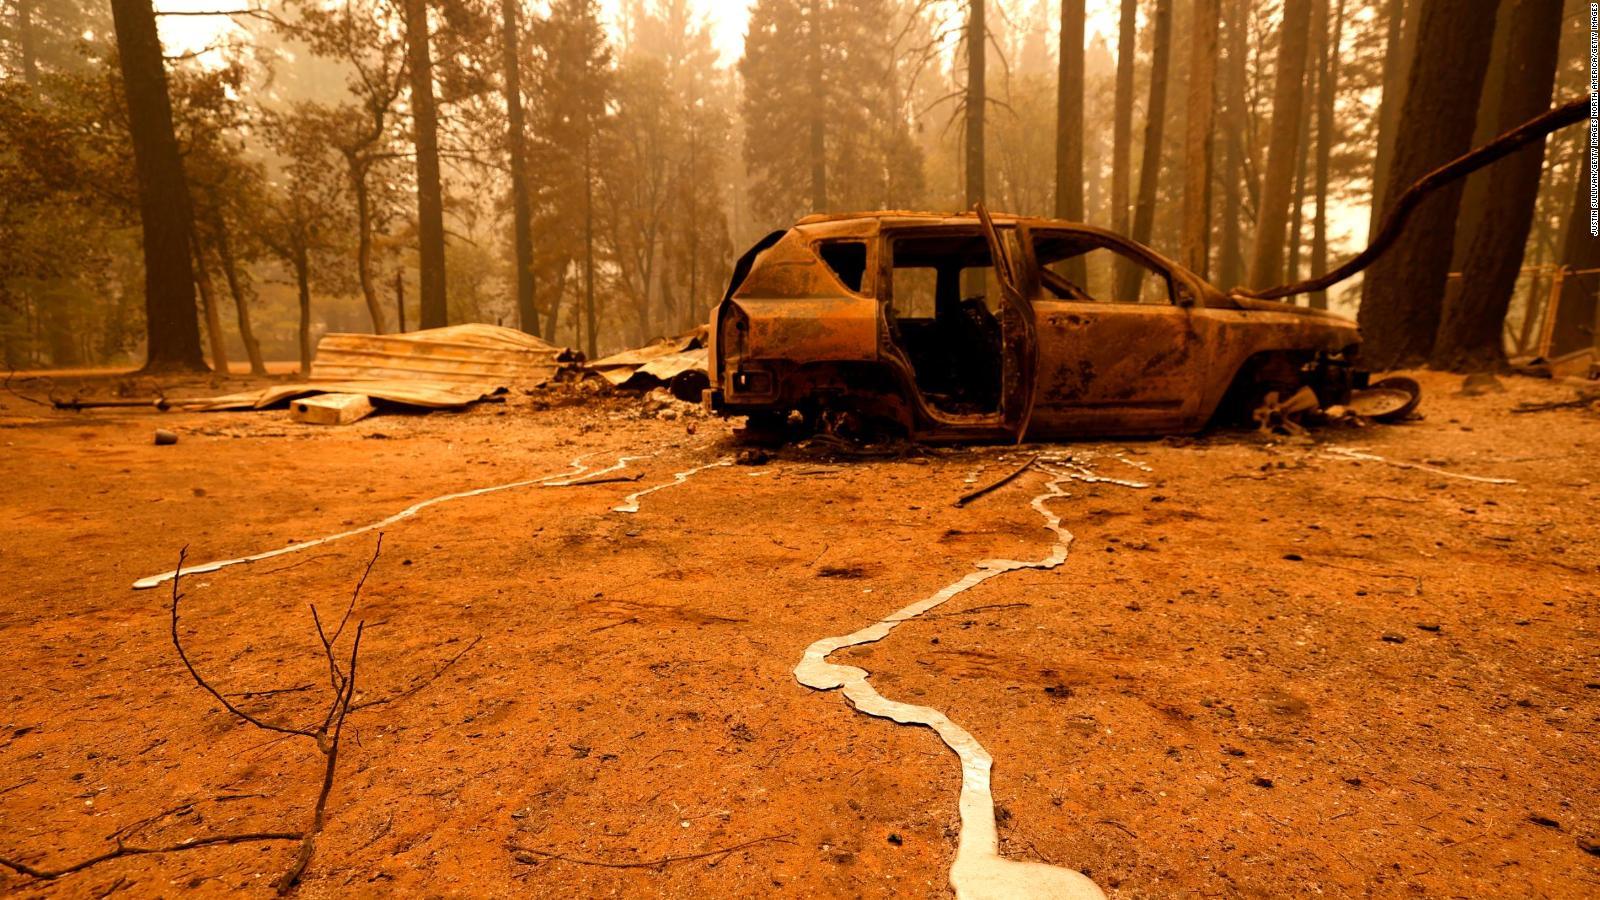 Incendios forestales en Estados Unidos: estos son los 5 estados con más hectáreas calcinadas